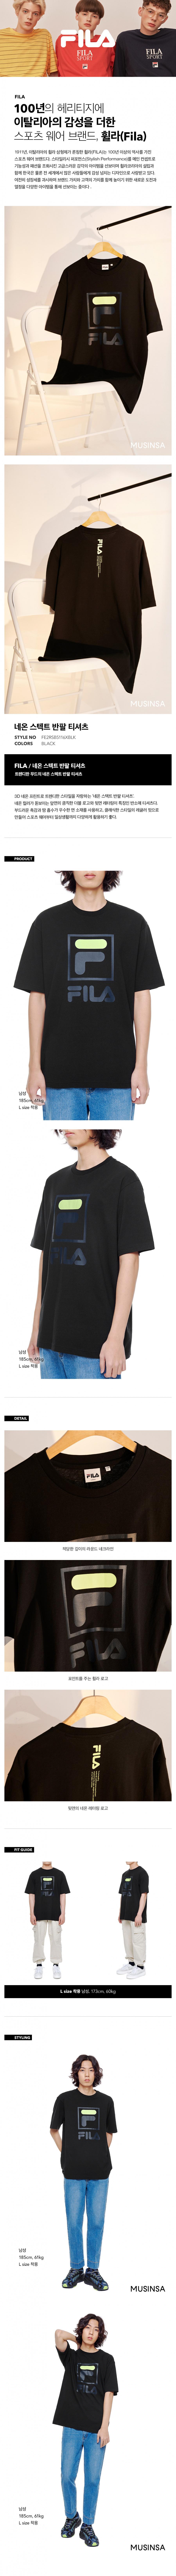 휠라(FILA) 네온 스텍트 반팔 티셔츠 - 블랙 / FE2RSB5116XBLK